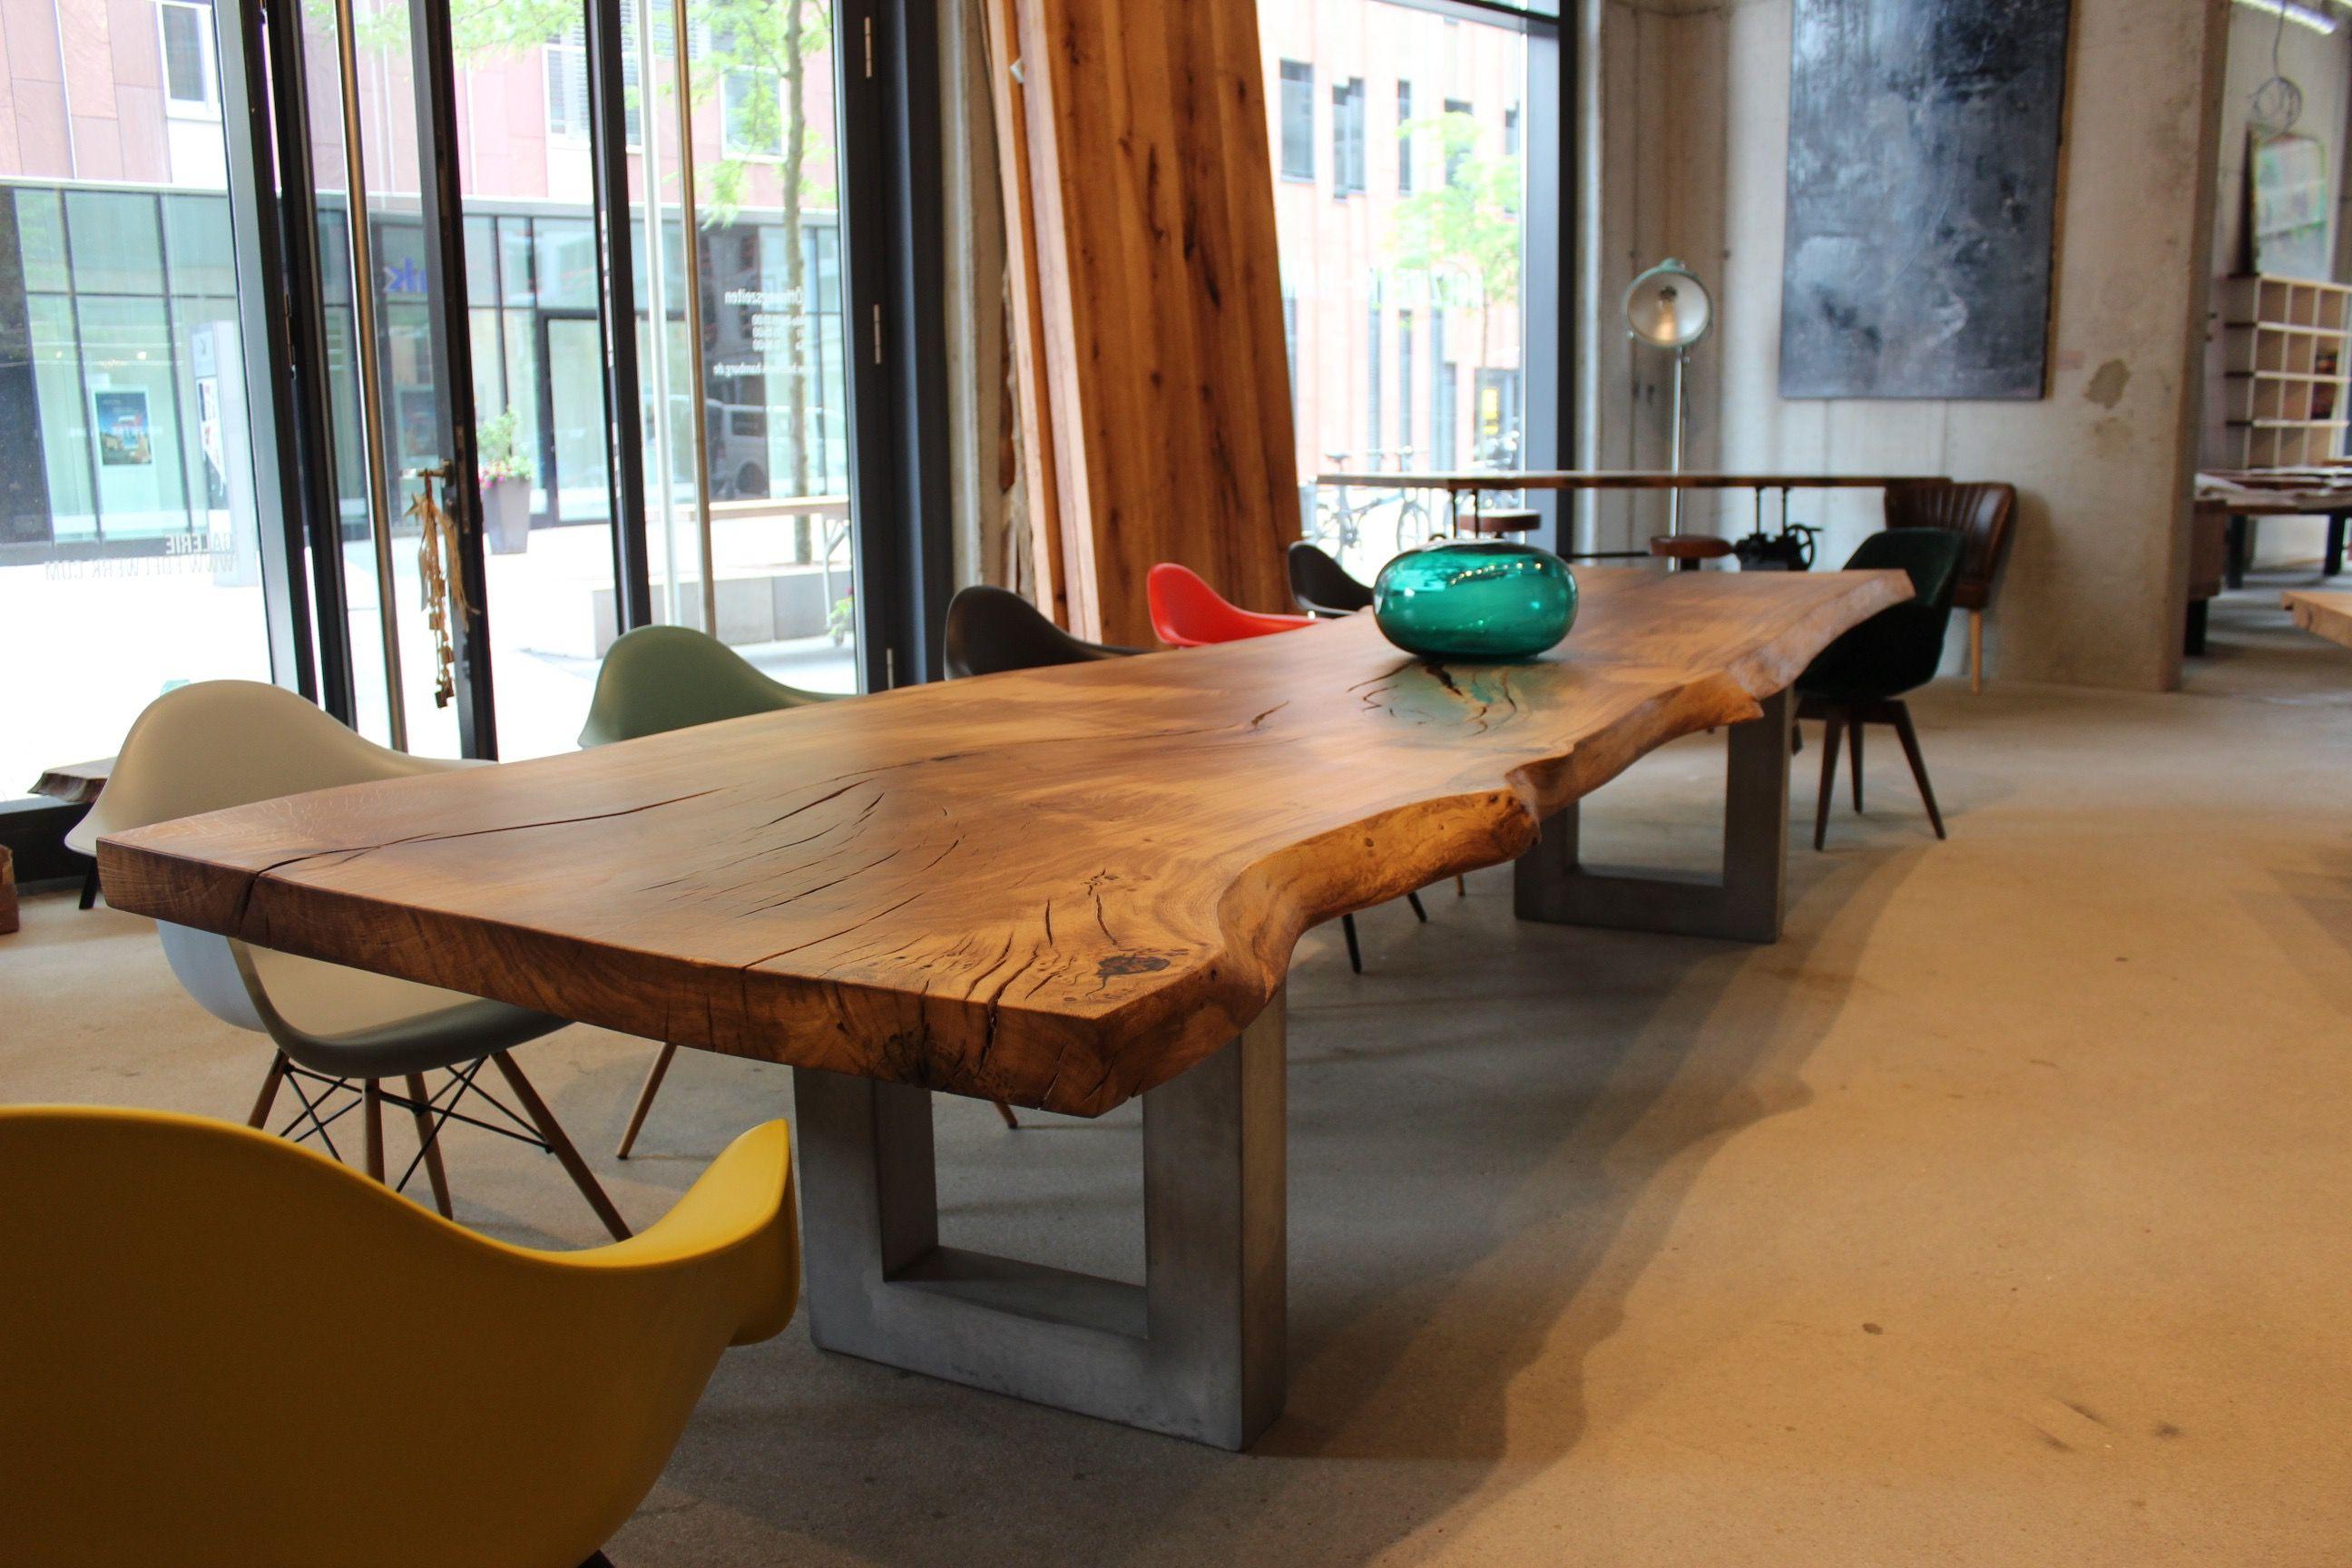 Baumtisch Eichentisch Esstisch Tisch Holztisch Table